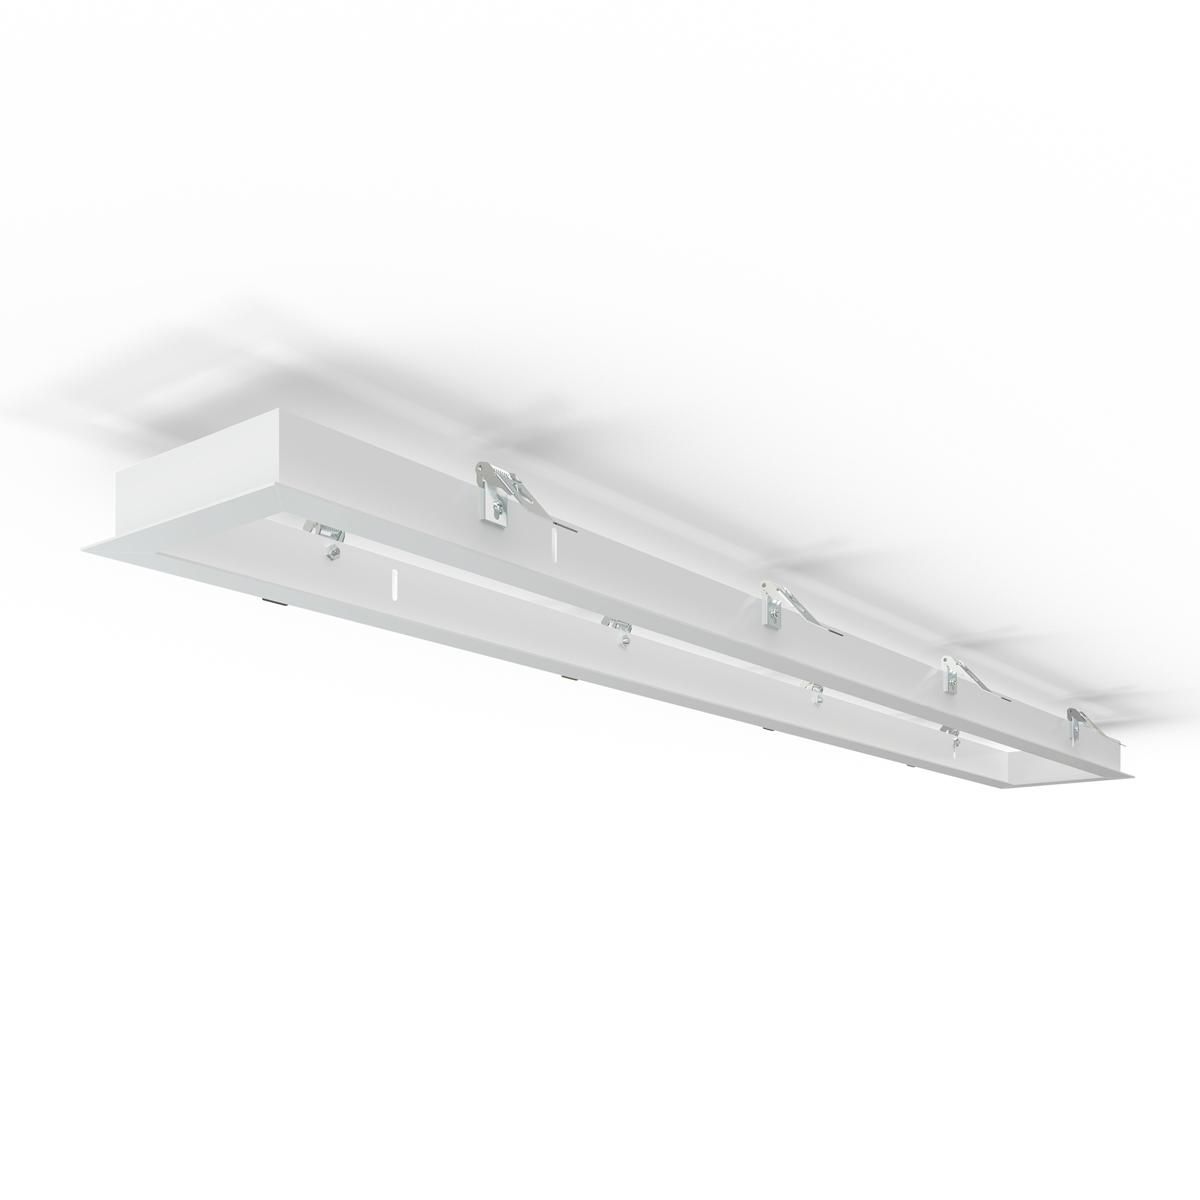 LED Panel Einbaurahmen 120x15cm weiß Deckeneinbau Montagerahmen für Rigipskartondecke